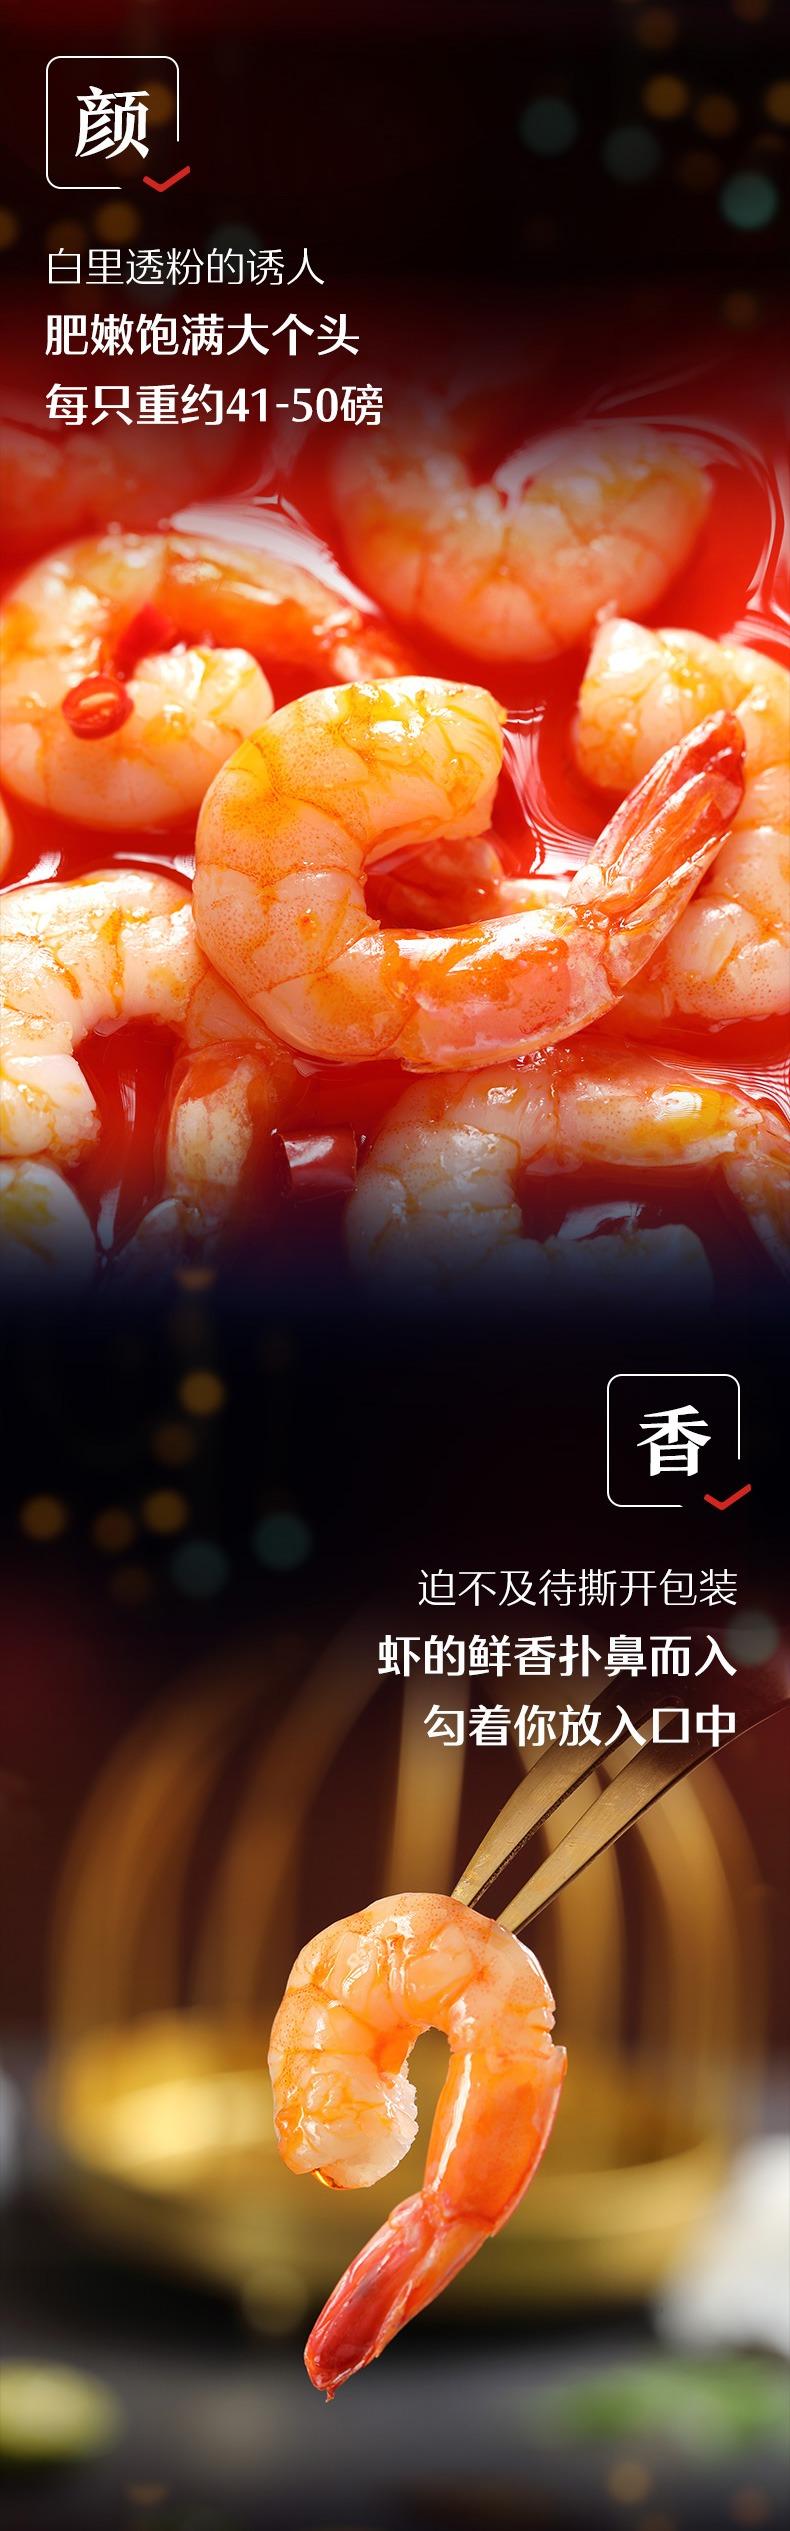 奇妙 -【良品铺子 • 对对虾】55g 香辣味 香辣鲜爽 | 刺激味蕾